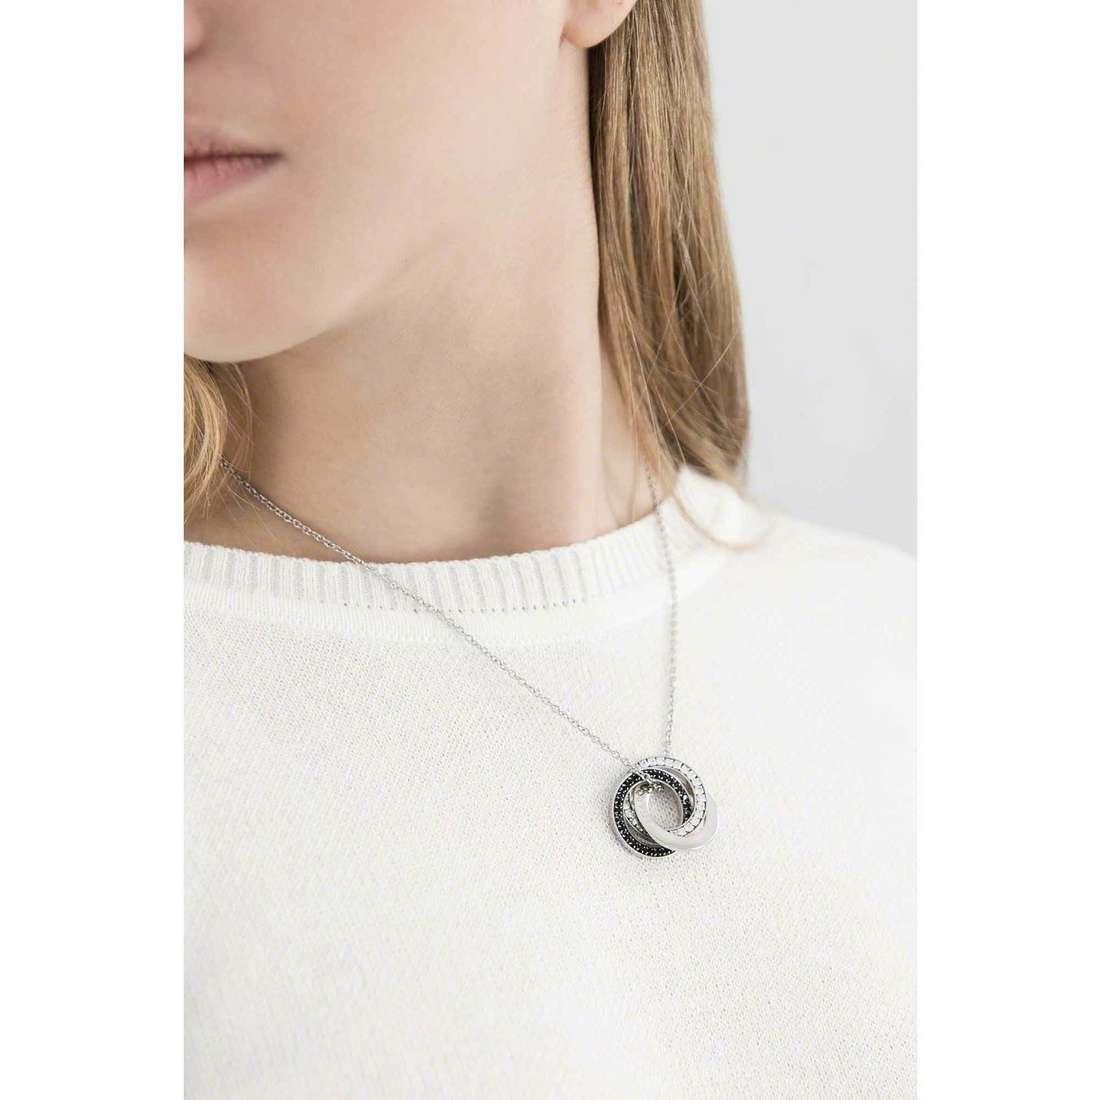 Sagapò colliers Trinidad femme STR02 indosso